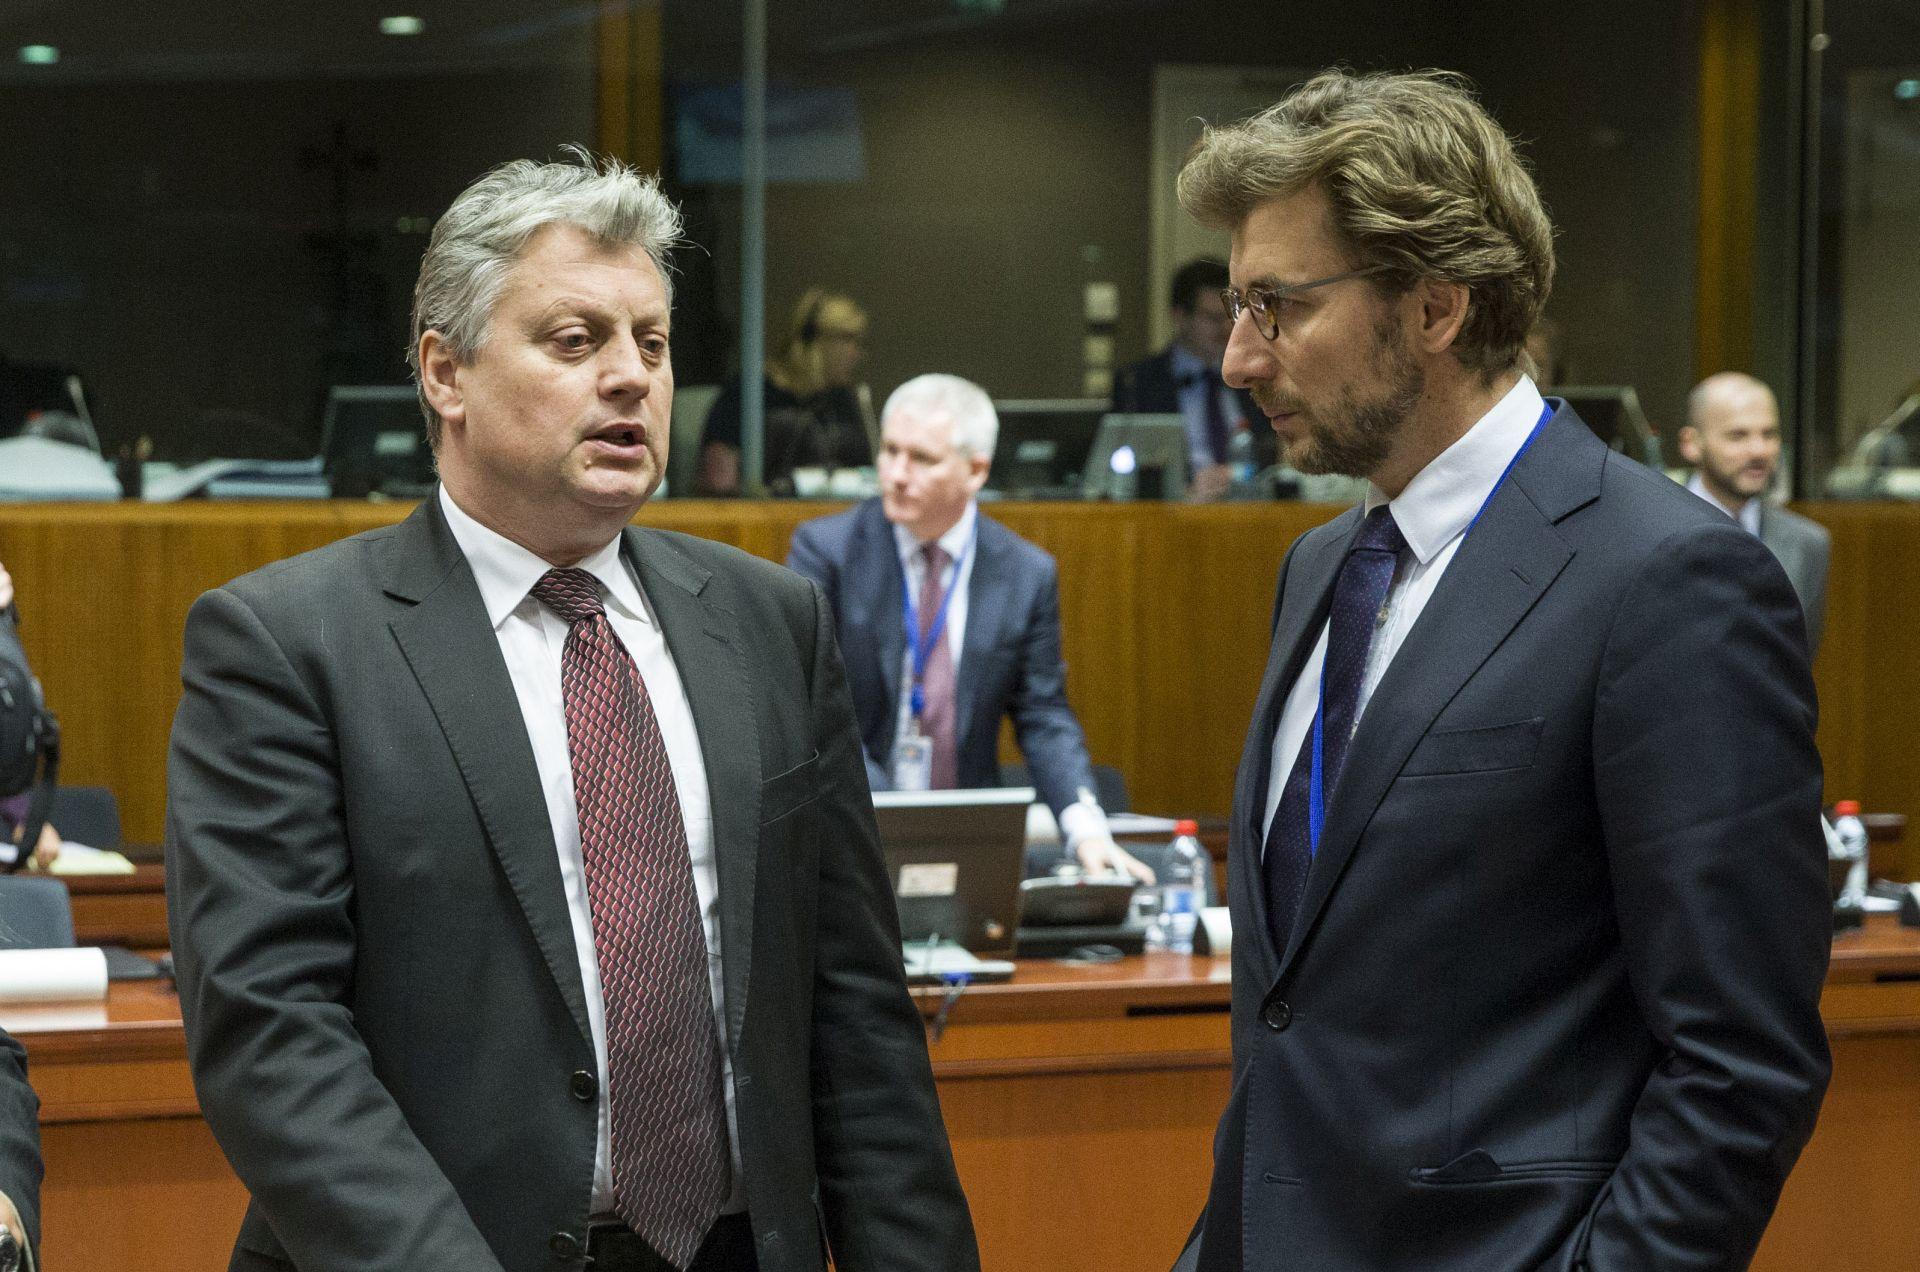 Šipuš: EU treba zajednička pravila u vezi s uvozom umjetnina i kulturne baštine